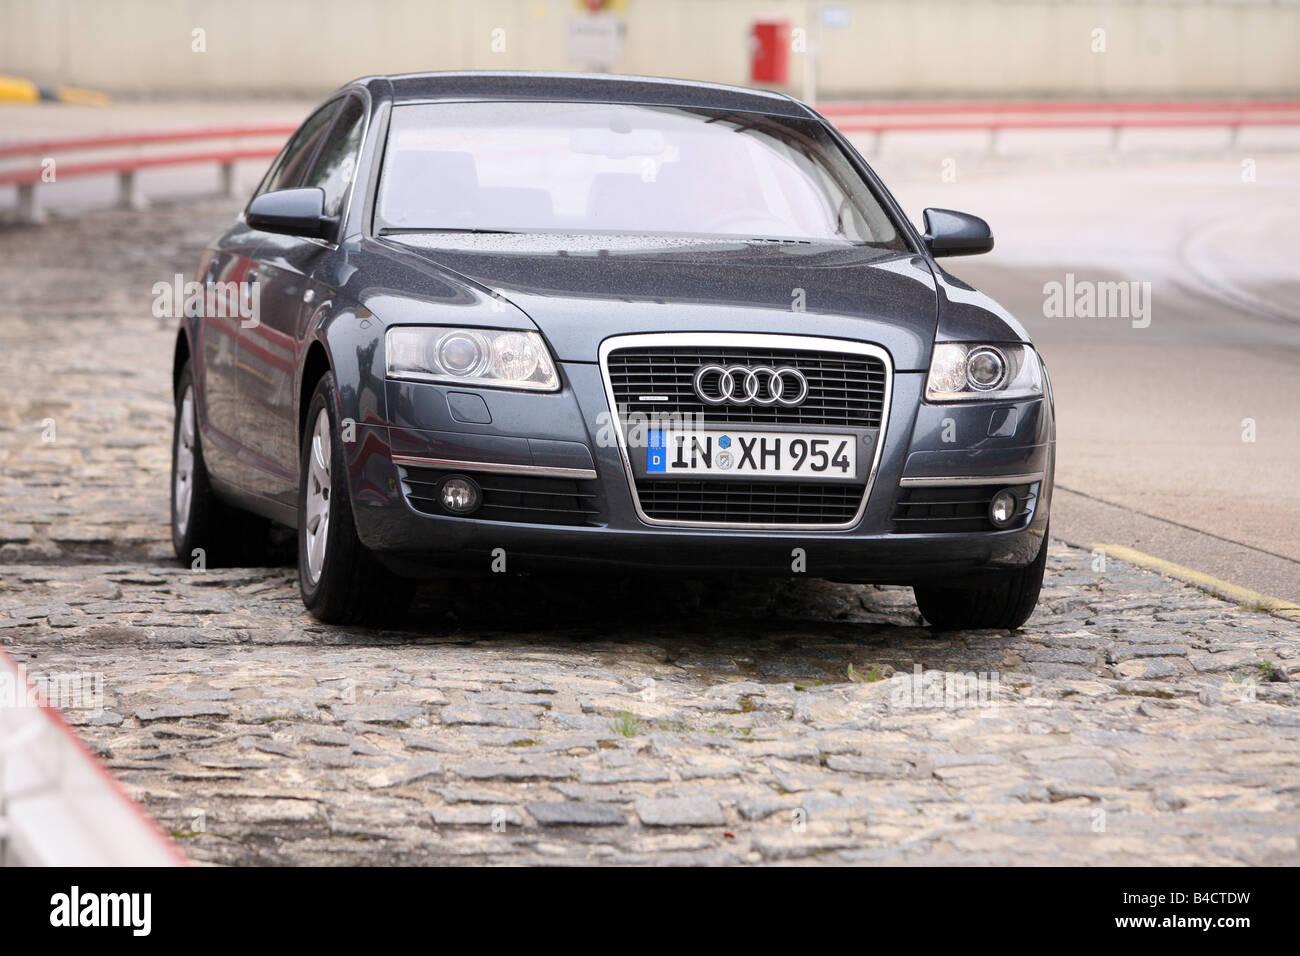 Kelebihan Kekurangan Audi A6 3.2 Top Model Tahun Ini